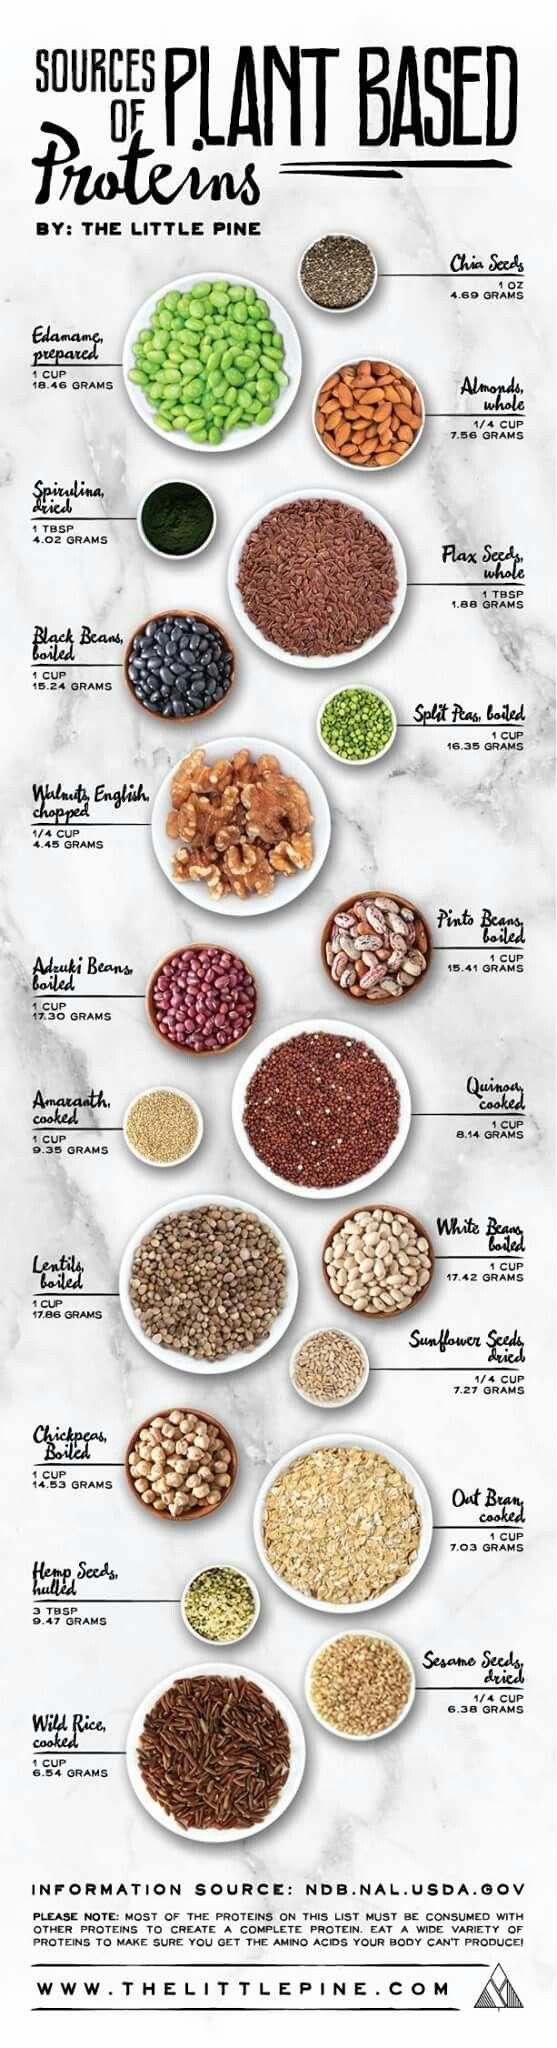 Quantité de protéines par haricots noix et céréales (amarante, riz sauvage, quinoa) Le is part of Vegan recipes - [ad 1] Quantité de protéines par haricots noix et céréales (amarante, riz sauvage, quinoa) La note au bas de la page indique qu'elles doivent être consommées avec d'autres protéines (hein  Je ne comprends pas pourquoi il est dit cela)